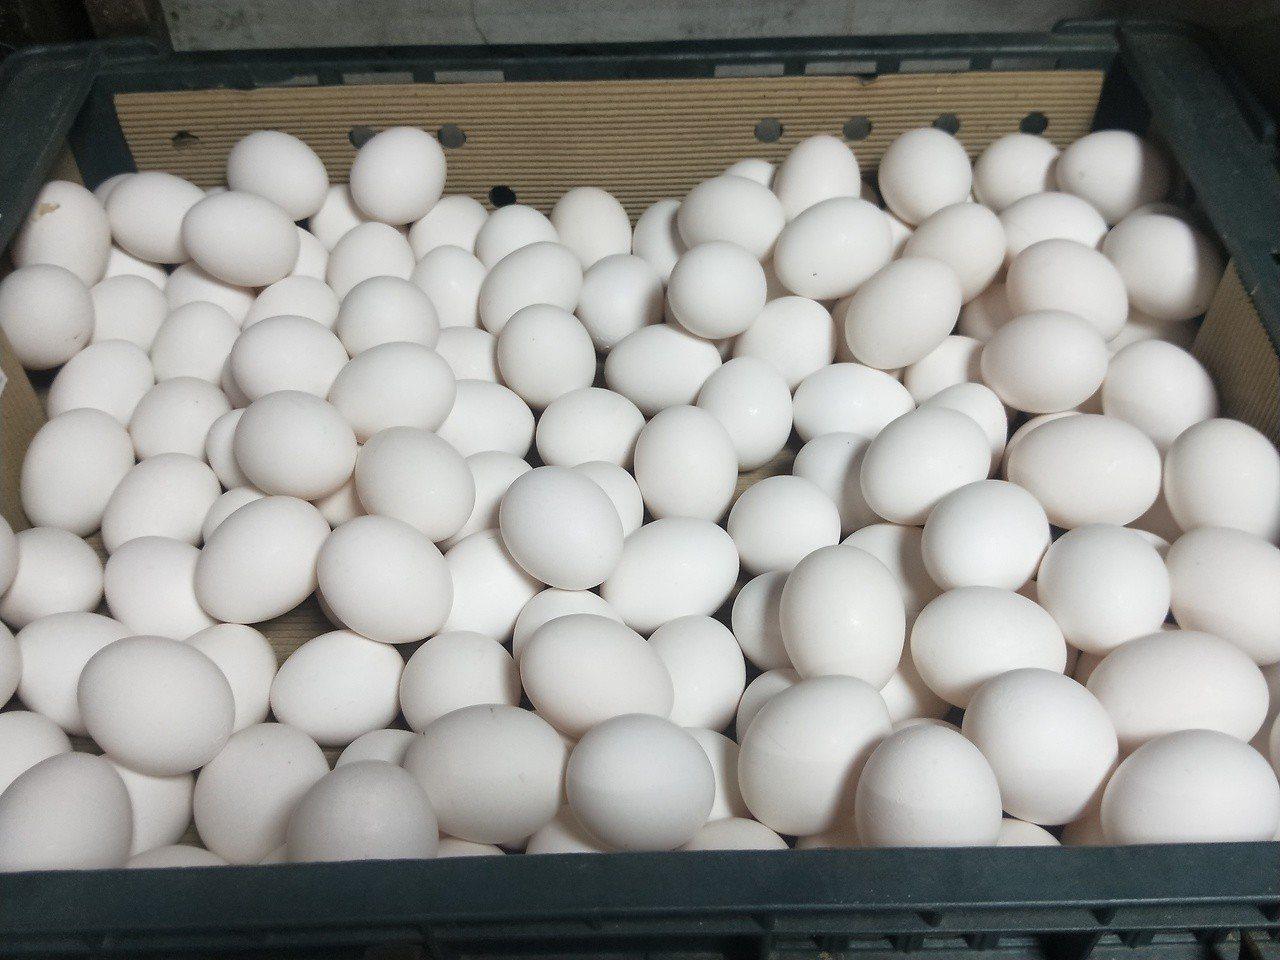 基隆市東信路雞蛋批發商劉家智說,近1個多月來,因為天氣冷,買蛋的人增加很多,以前...